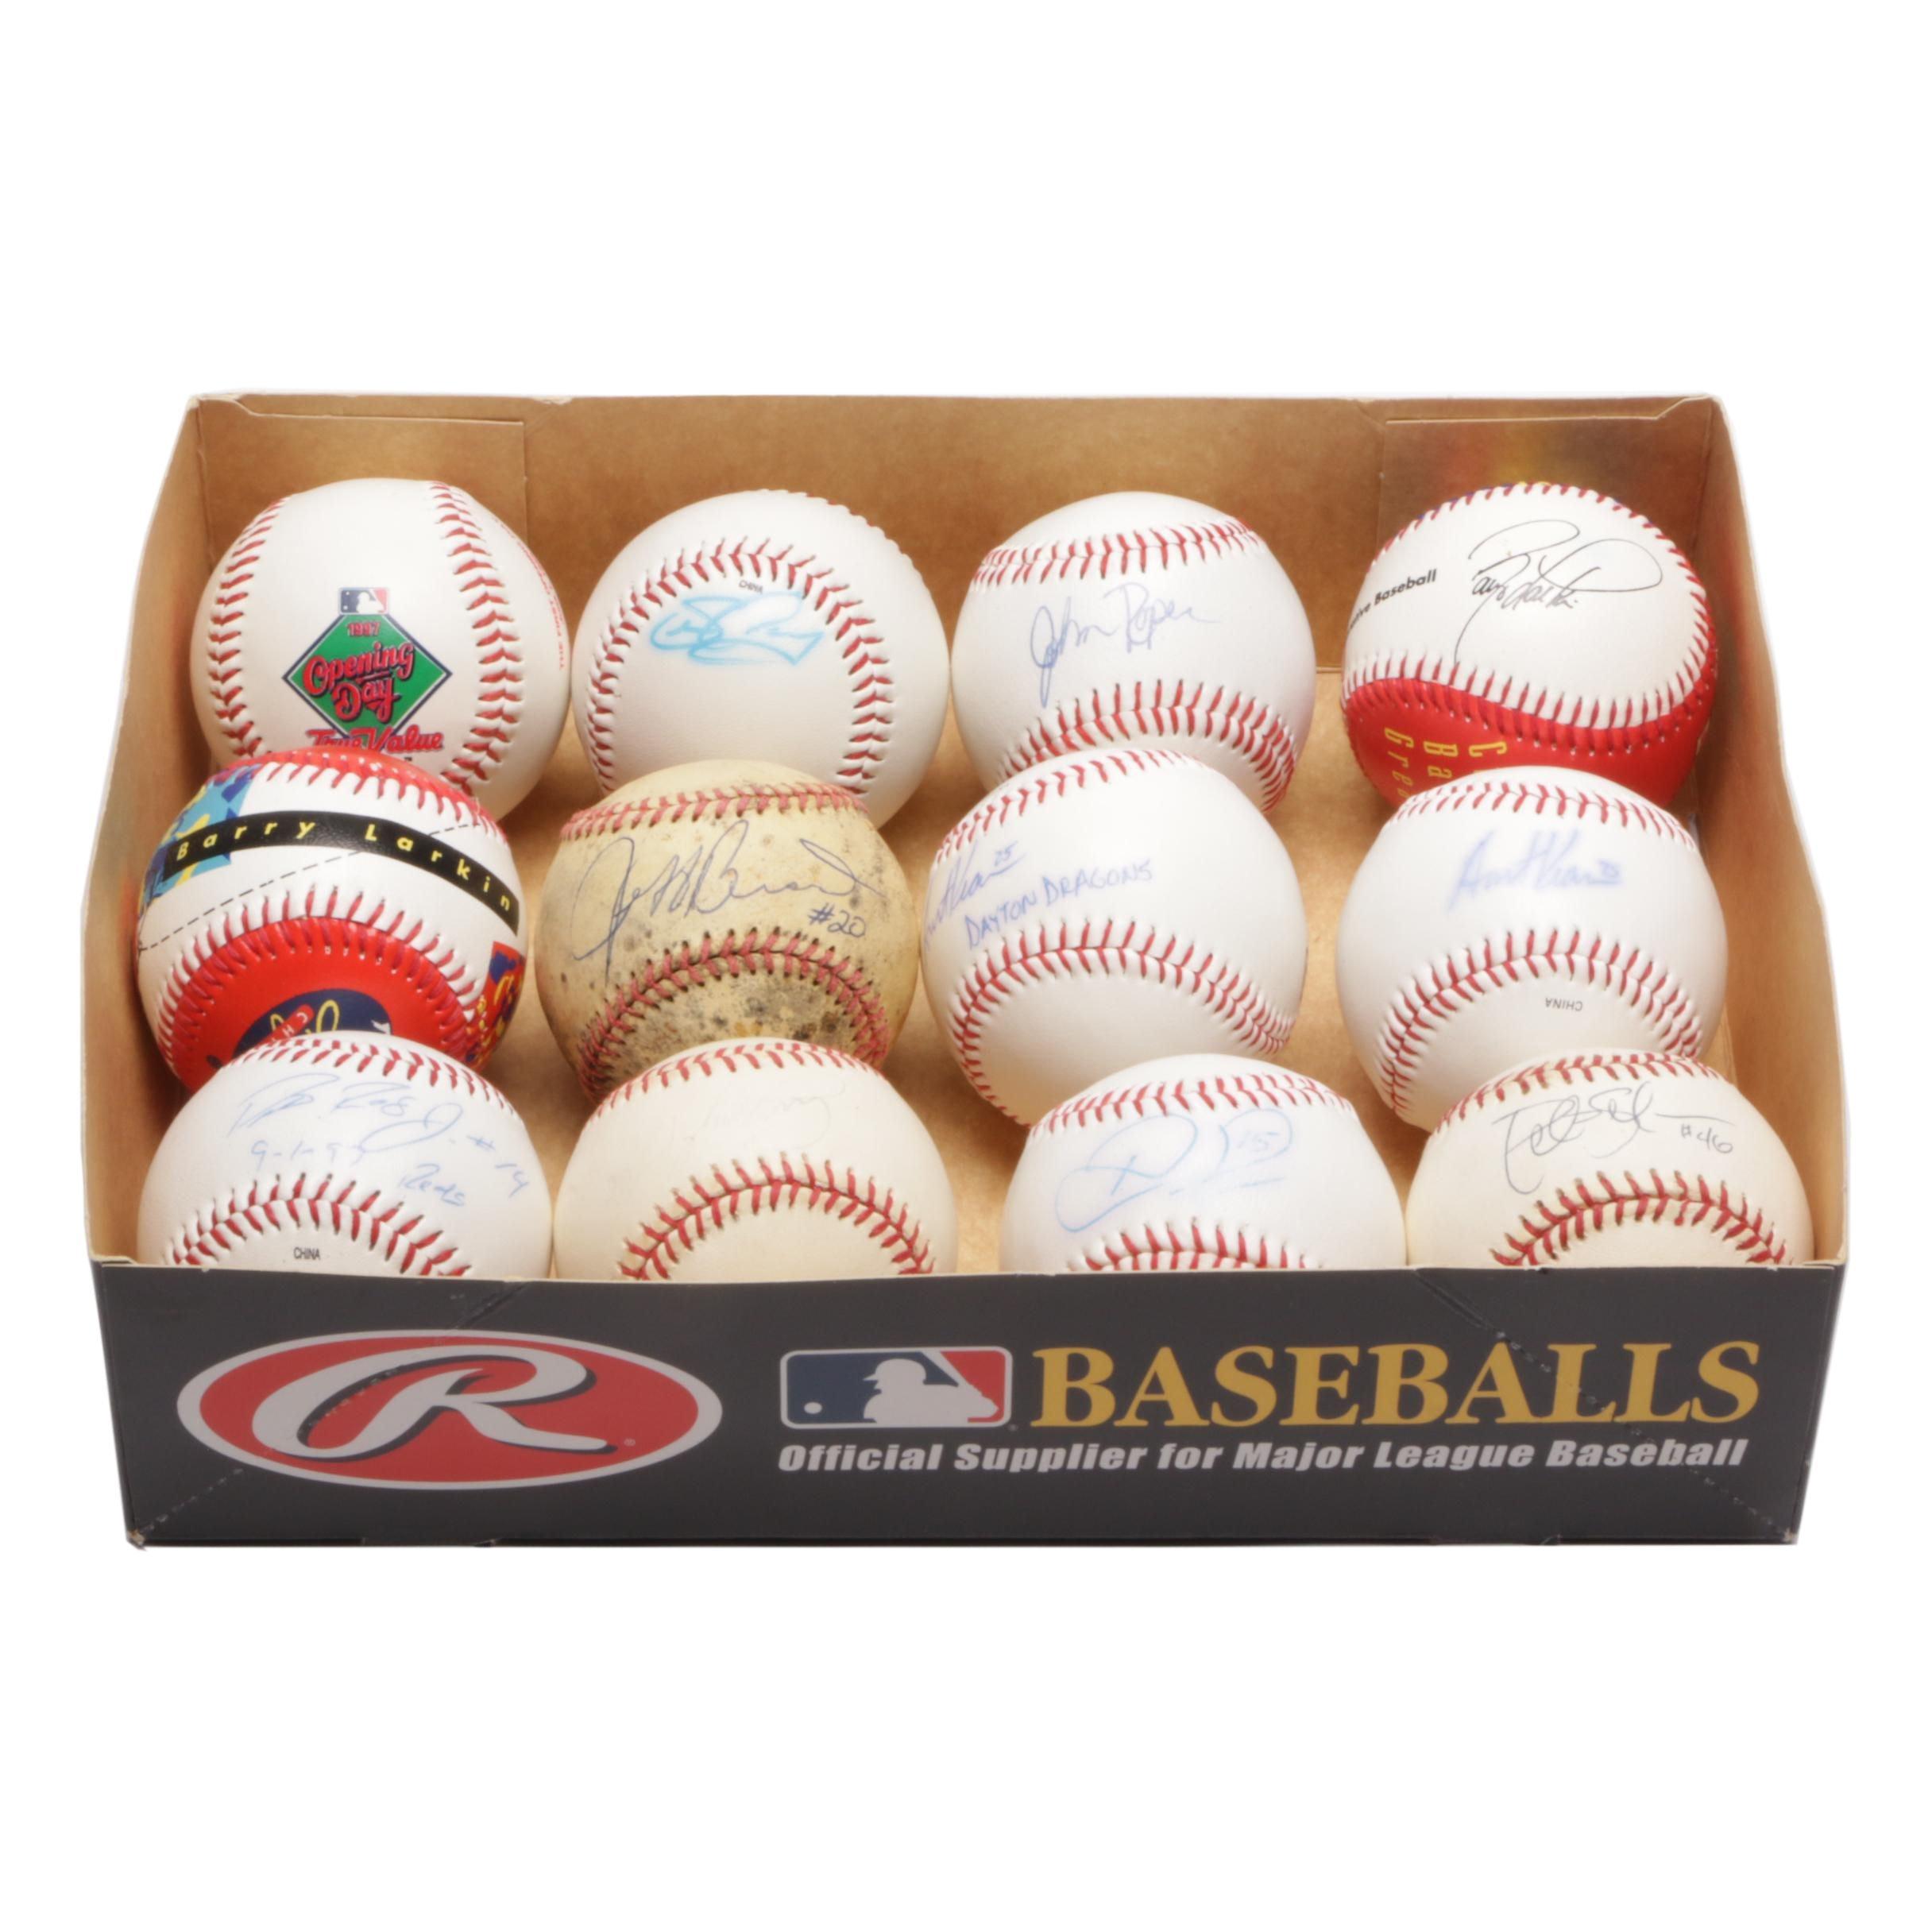 Twelve Baseballs With Rose Jr., Kearns, Casey, and Roper Autographs